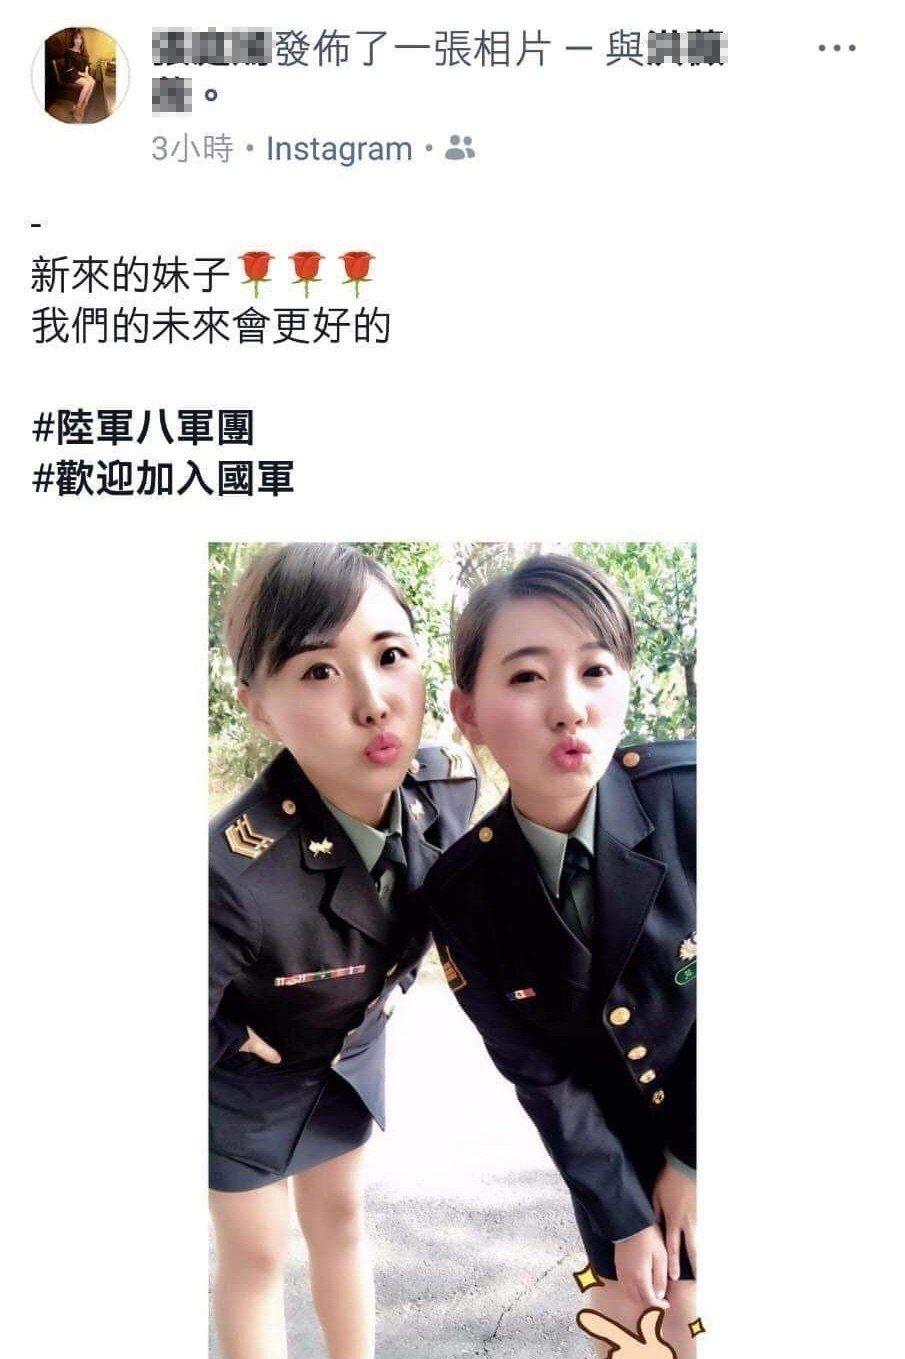 去年陸軍傳出女性士官兵自稱「新來的妹子」鼓吹招募,結果引發輿論抨擊,招募走火入魔...